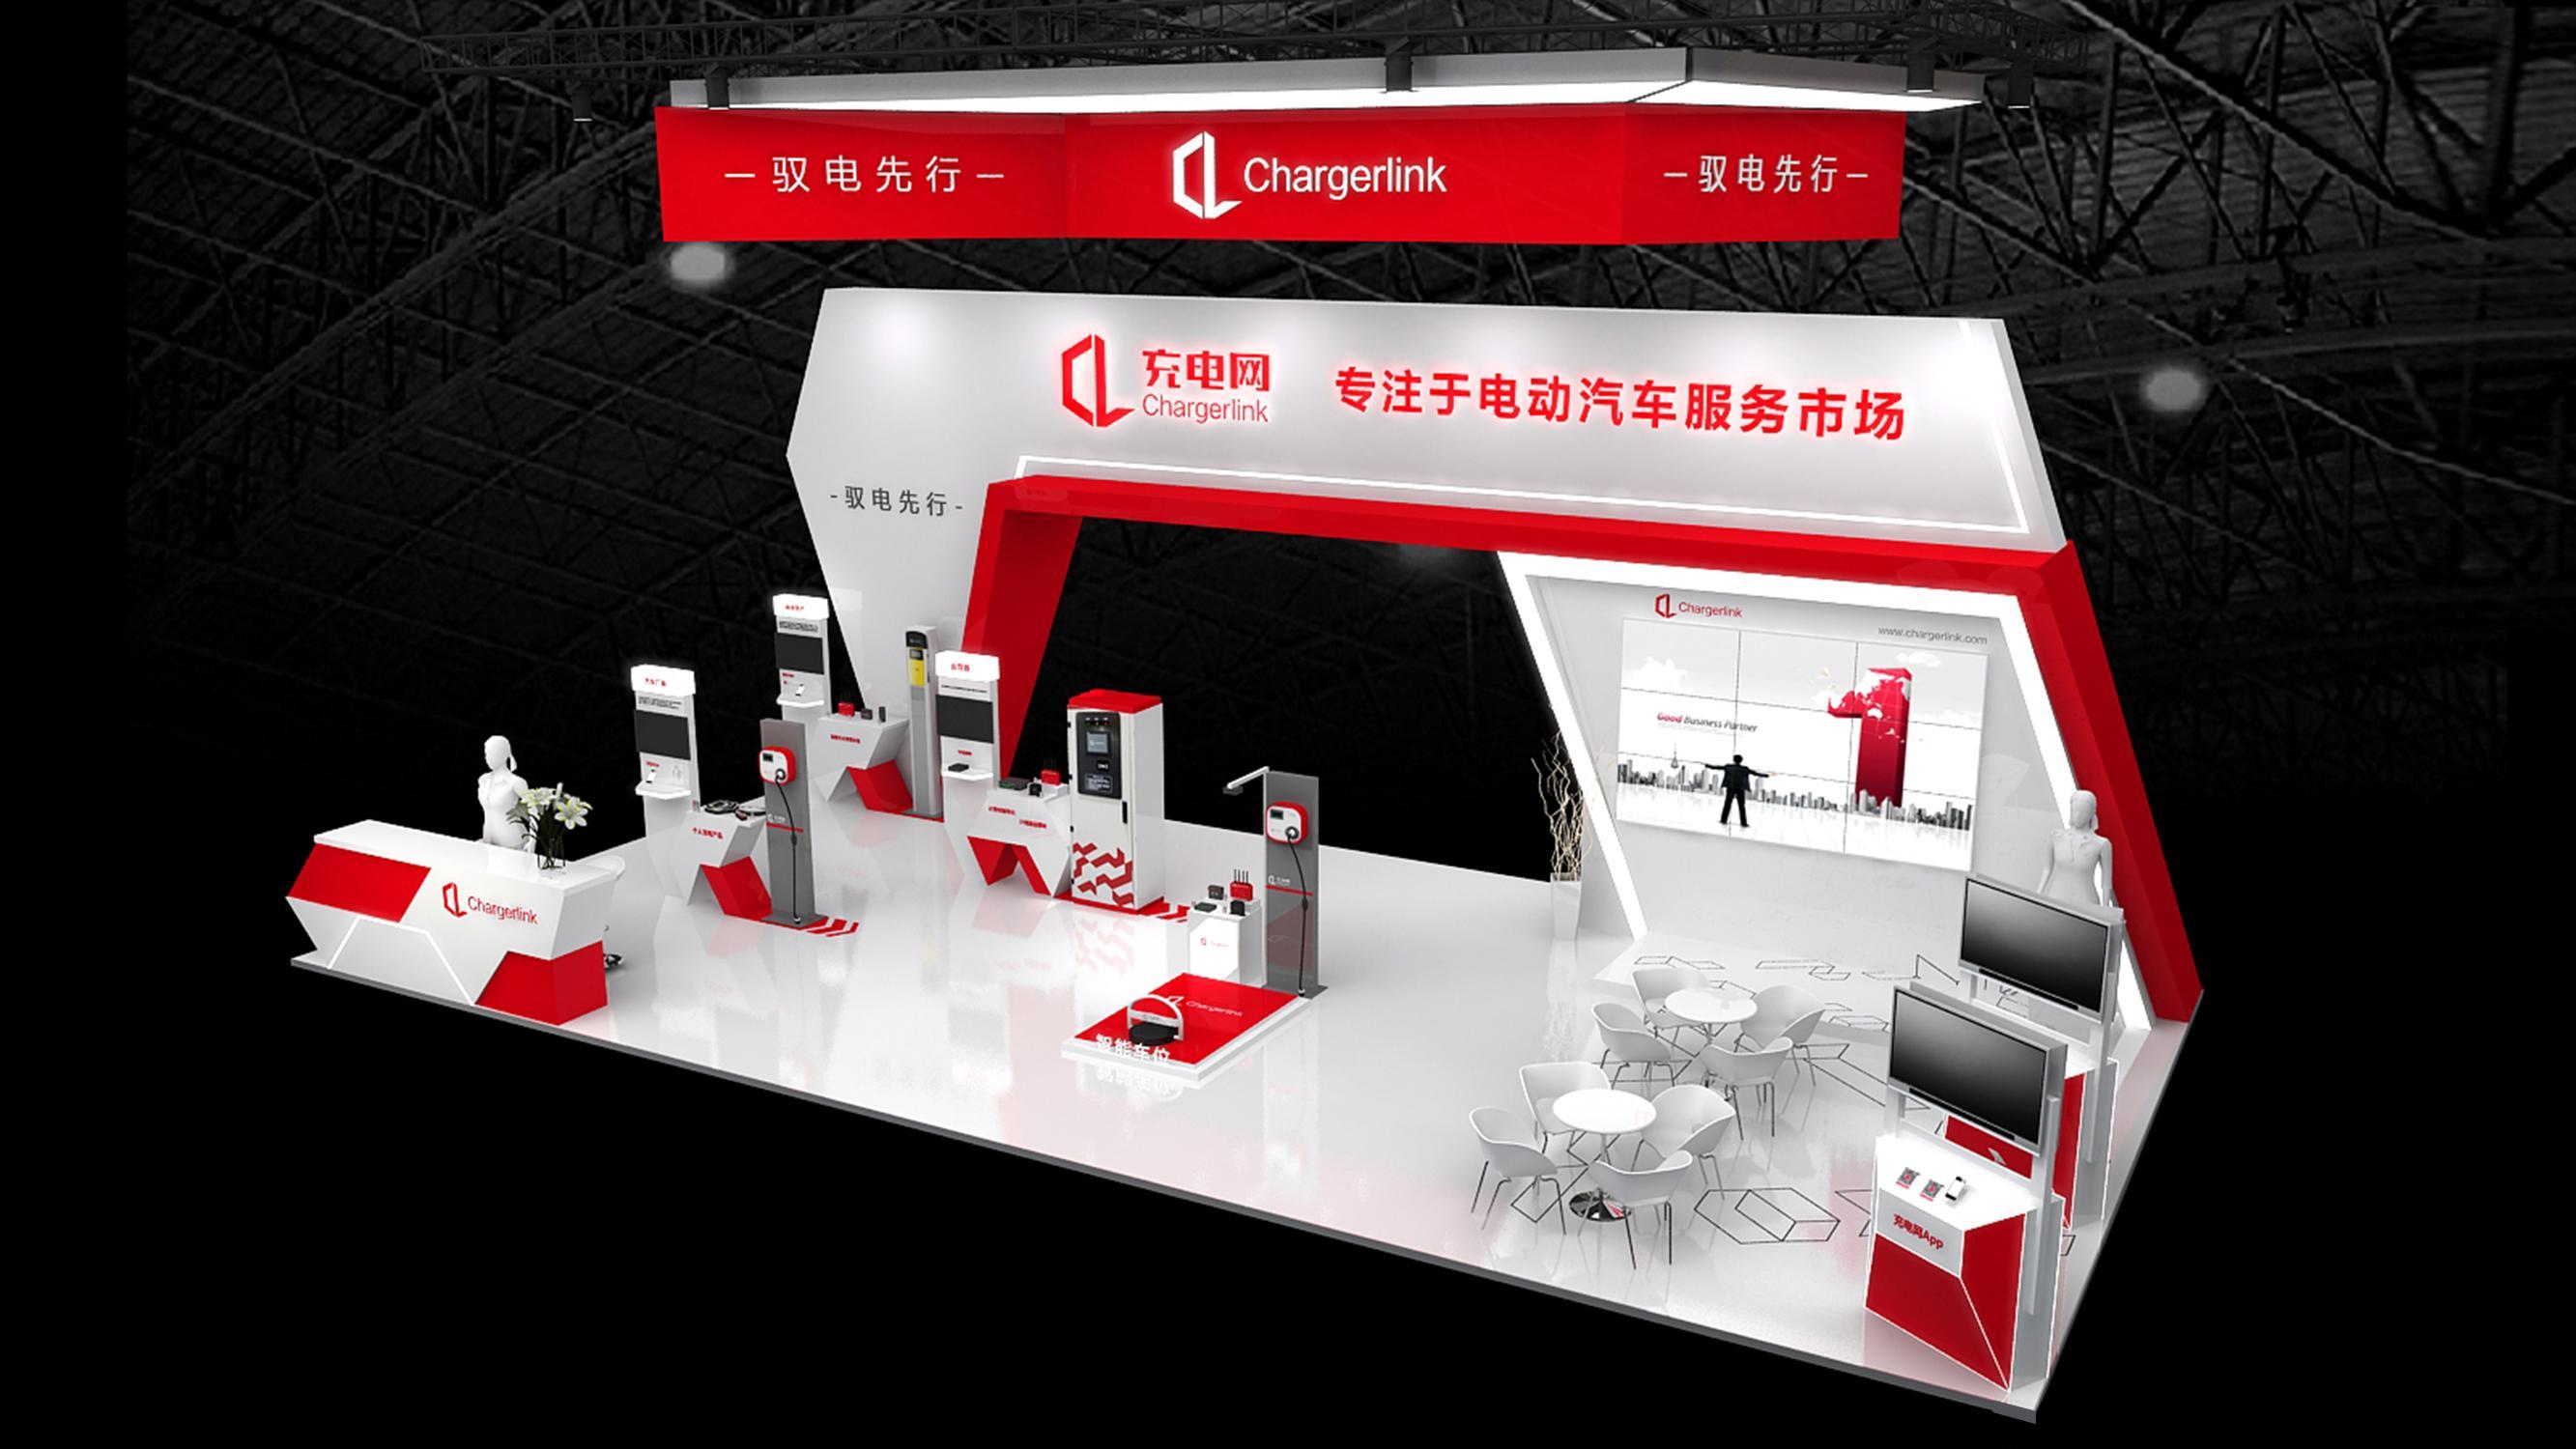 充电网携核心产品将首度亮相亚洲消费电子展